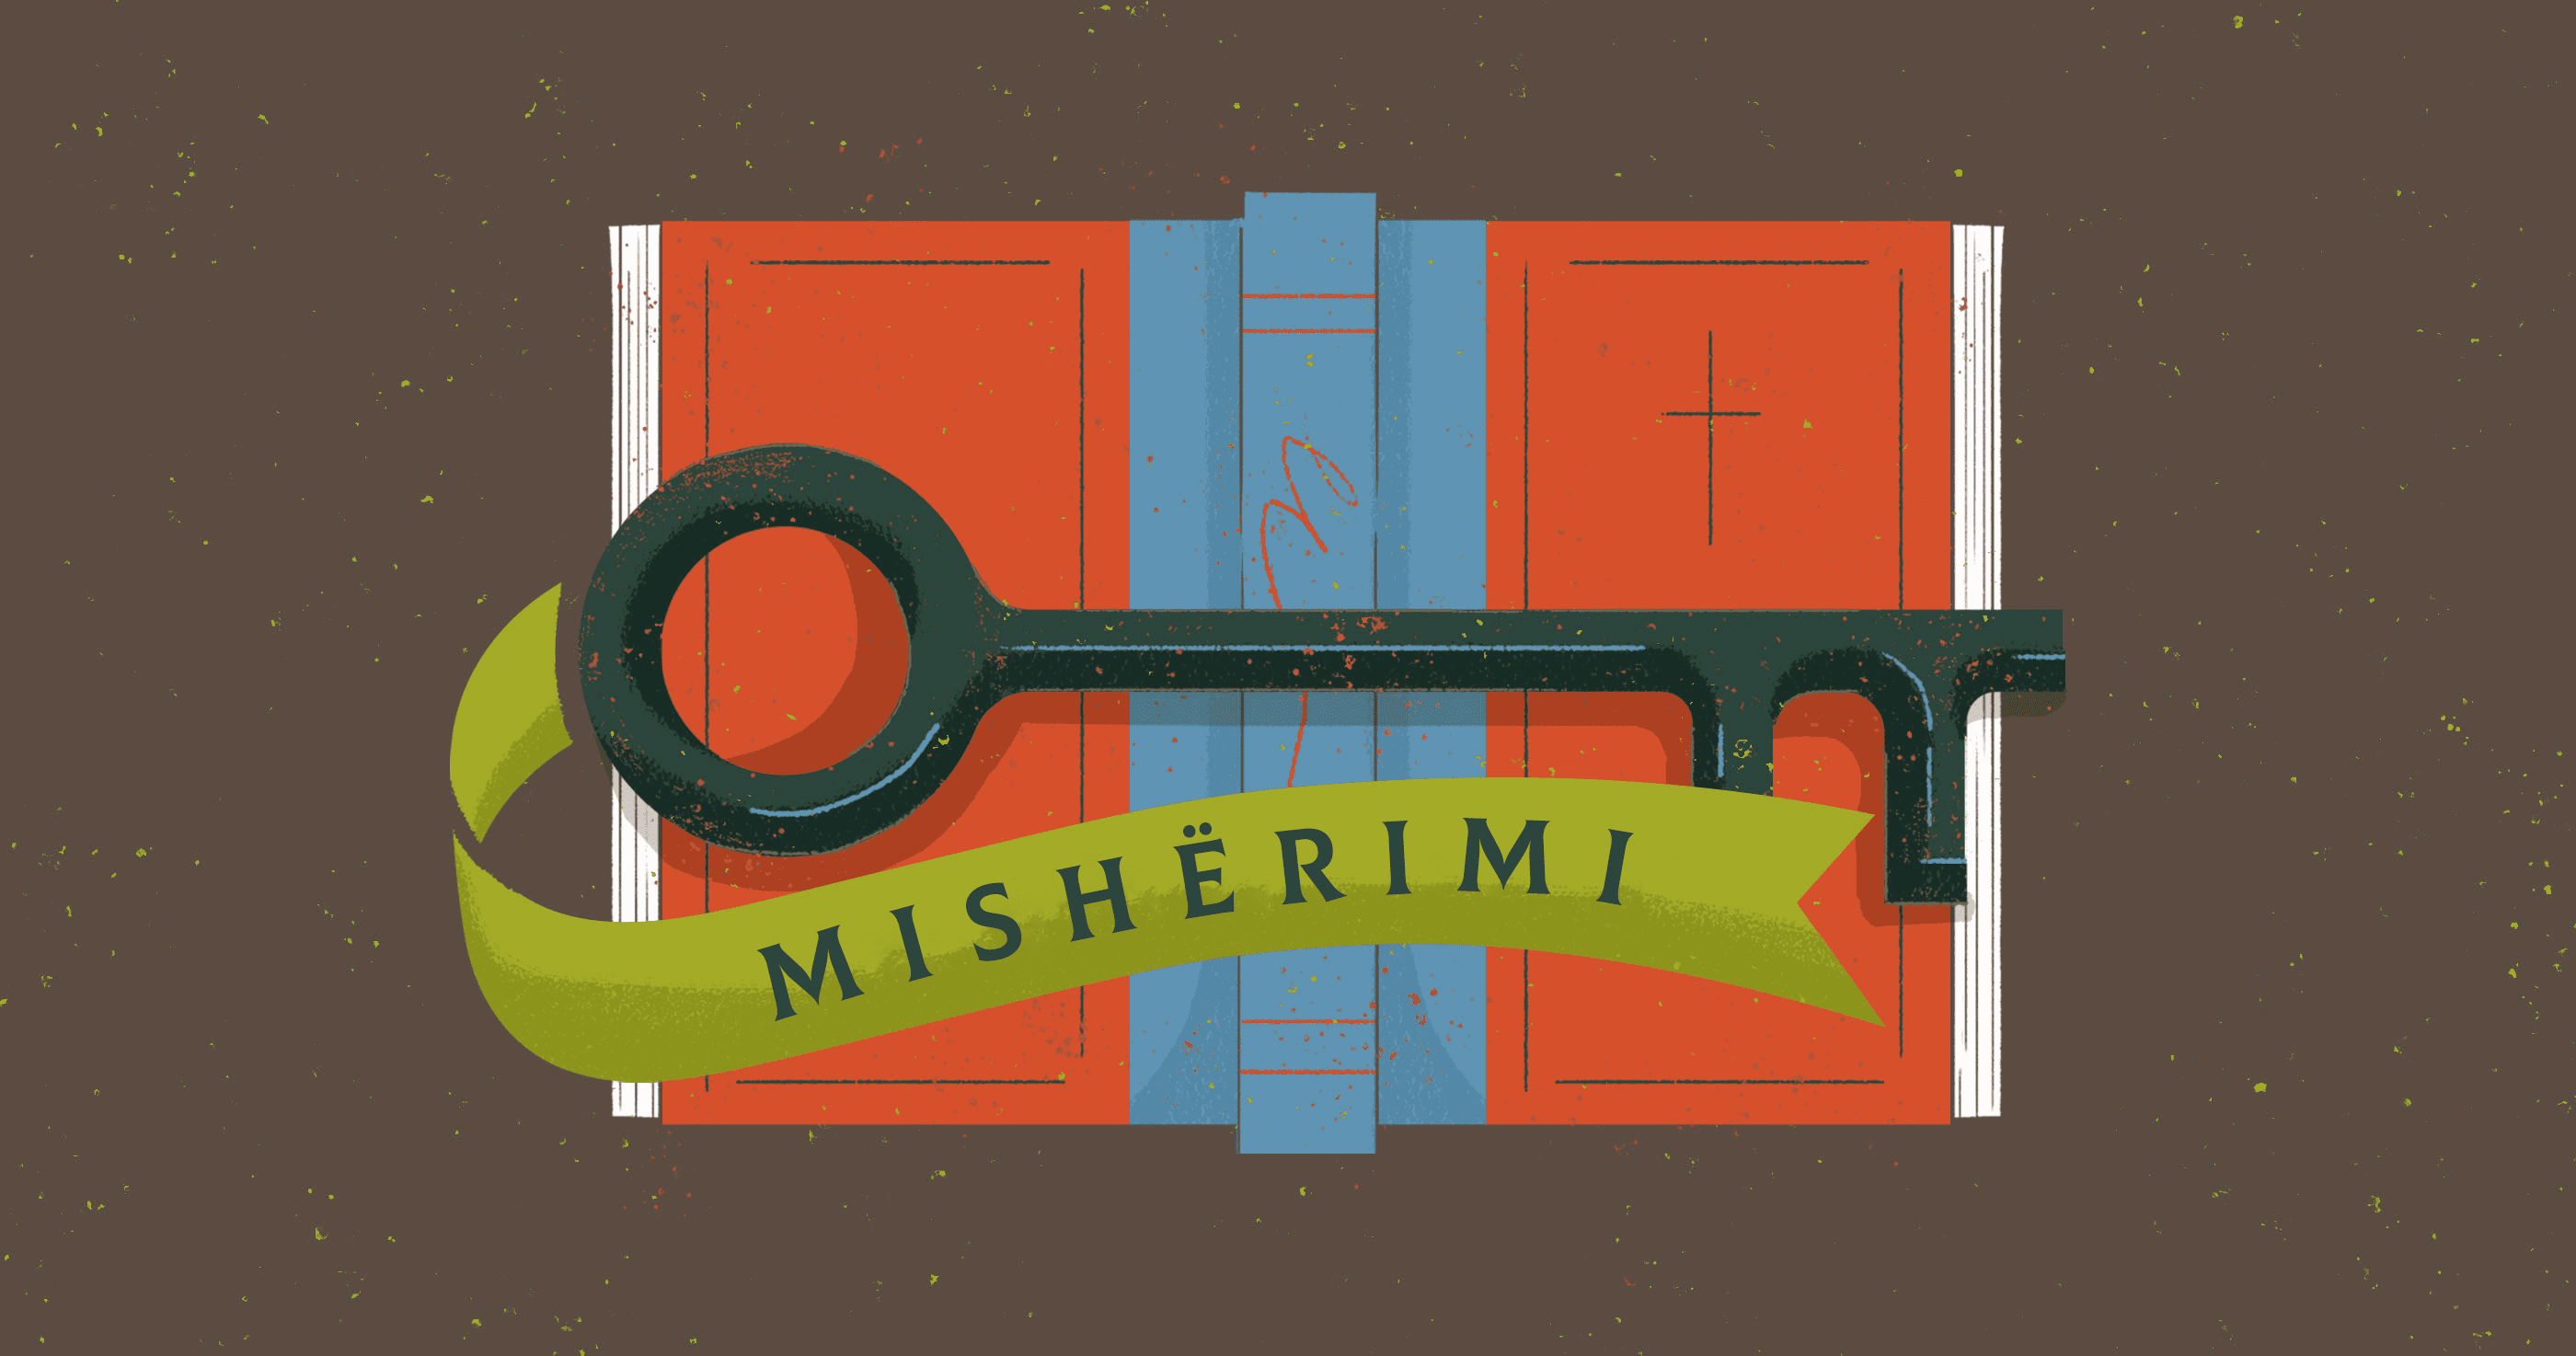 Misherimi